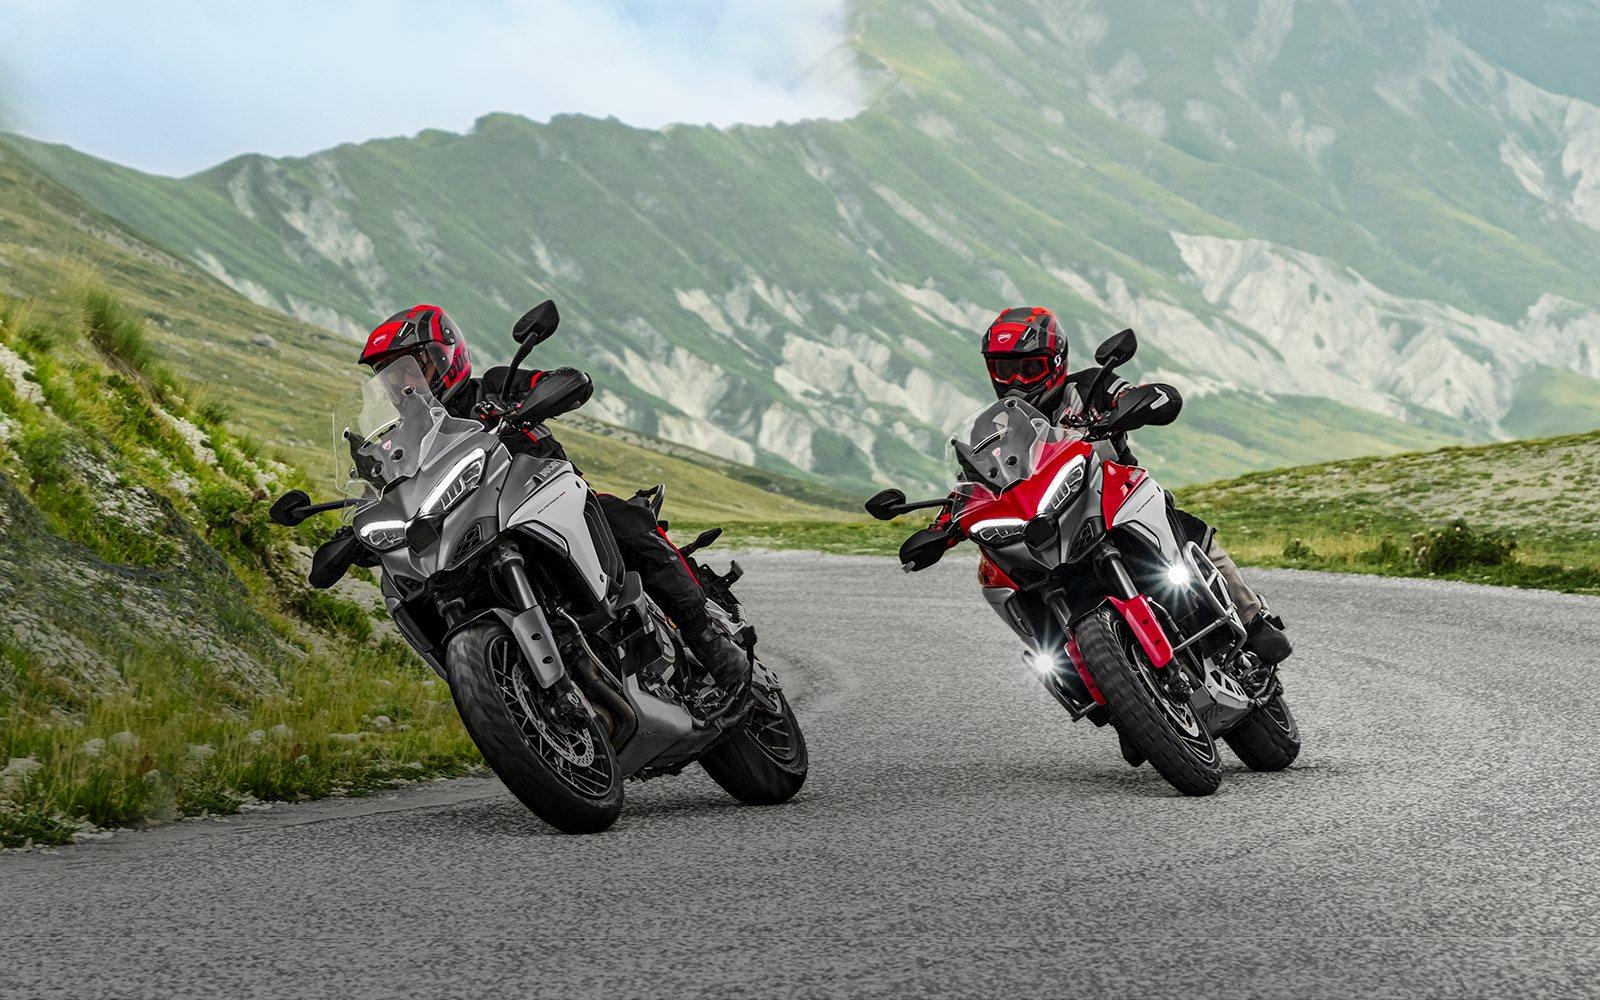 Entdecken Sie die erste Episode der Ducati Weltpremiere mit der neuen Multistrada V4